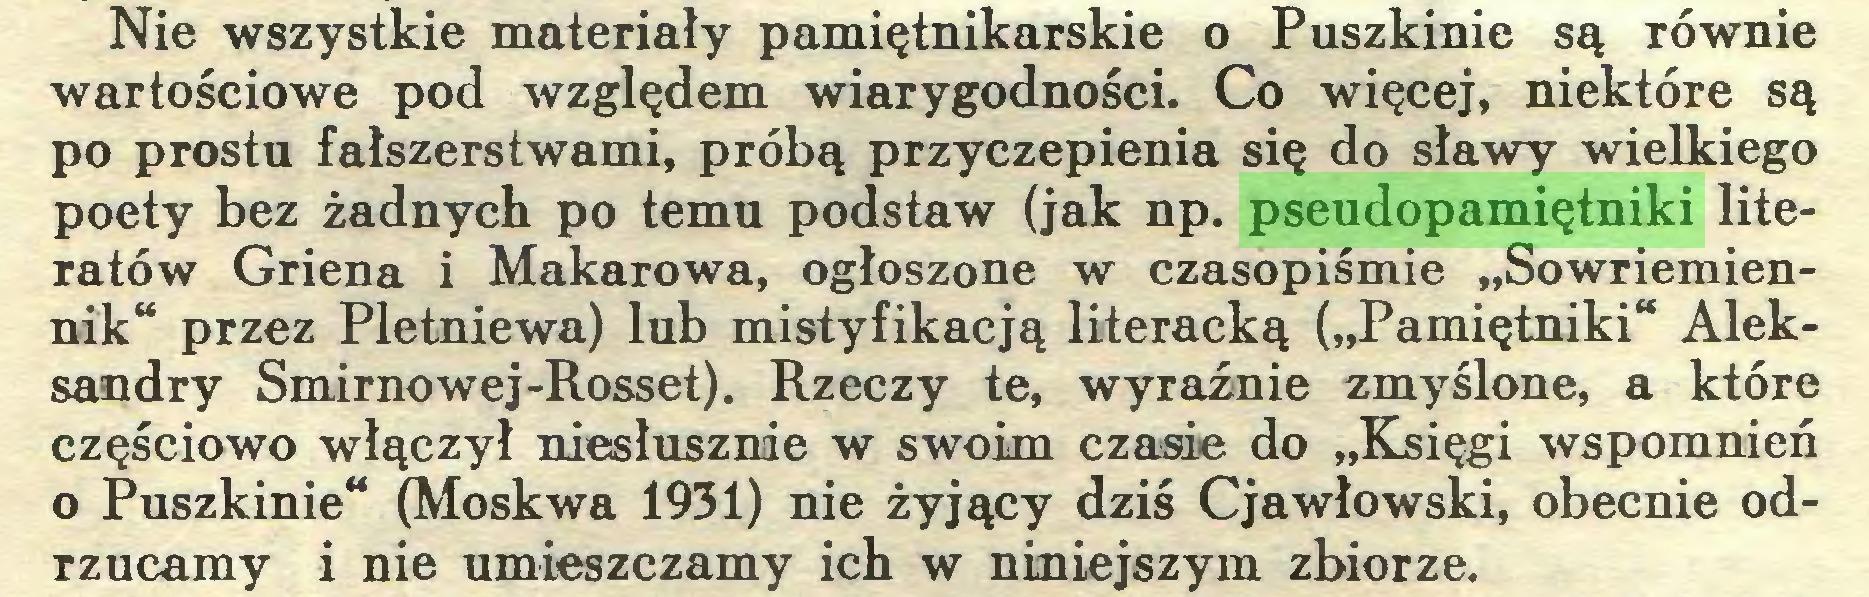 """(...) Nie wszystkie materiały pamiętnikarskie o Puszkinie są równie wartościowe pod względem wiarygodności. Co więcej, niektóre są po prostu fałszerstwami, próbą przyczepienia się do sławy wielkiego poety bez żadnych po temu podstaw (jak np. pseudopamiętniki literatów Griena i Makarowa, ogłoszone w czasopiśmie """"Sowriemiennik"""" przez Pletniewa) lub mistyfikacją literacką (""""Pamiętniki"""" Aleksandry Smirnowej-Rosset). Rzeczy te, wyraźnie zmyślone, a które częściowo włączył niesłusznie w swoim czasie do """"Księgi wspomnień o Puszkinie"""" (Moskwa 1931) nie żyjący dziś Cjawłowski, obecnie odrzucamy i nie umieszczamy ich w niniejszym zbiorze..."""